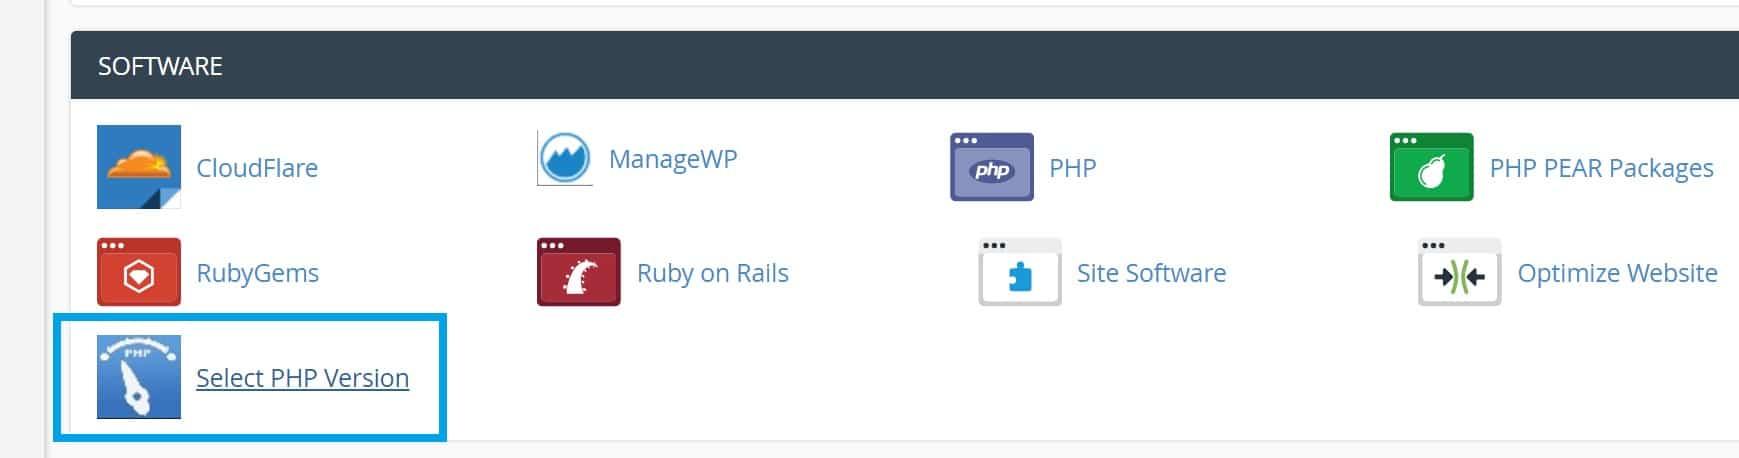 Sélectionner la version PHP dans cPanel